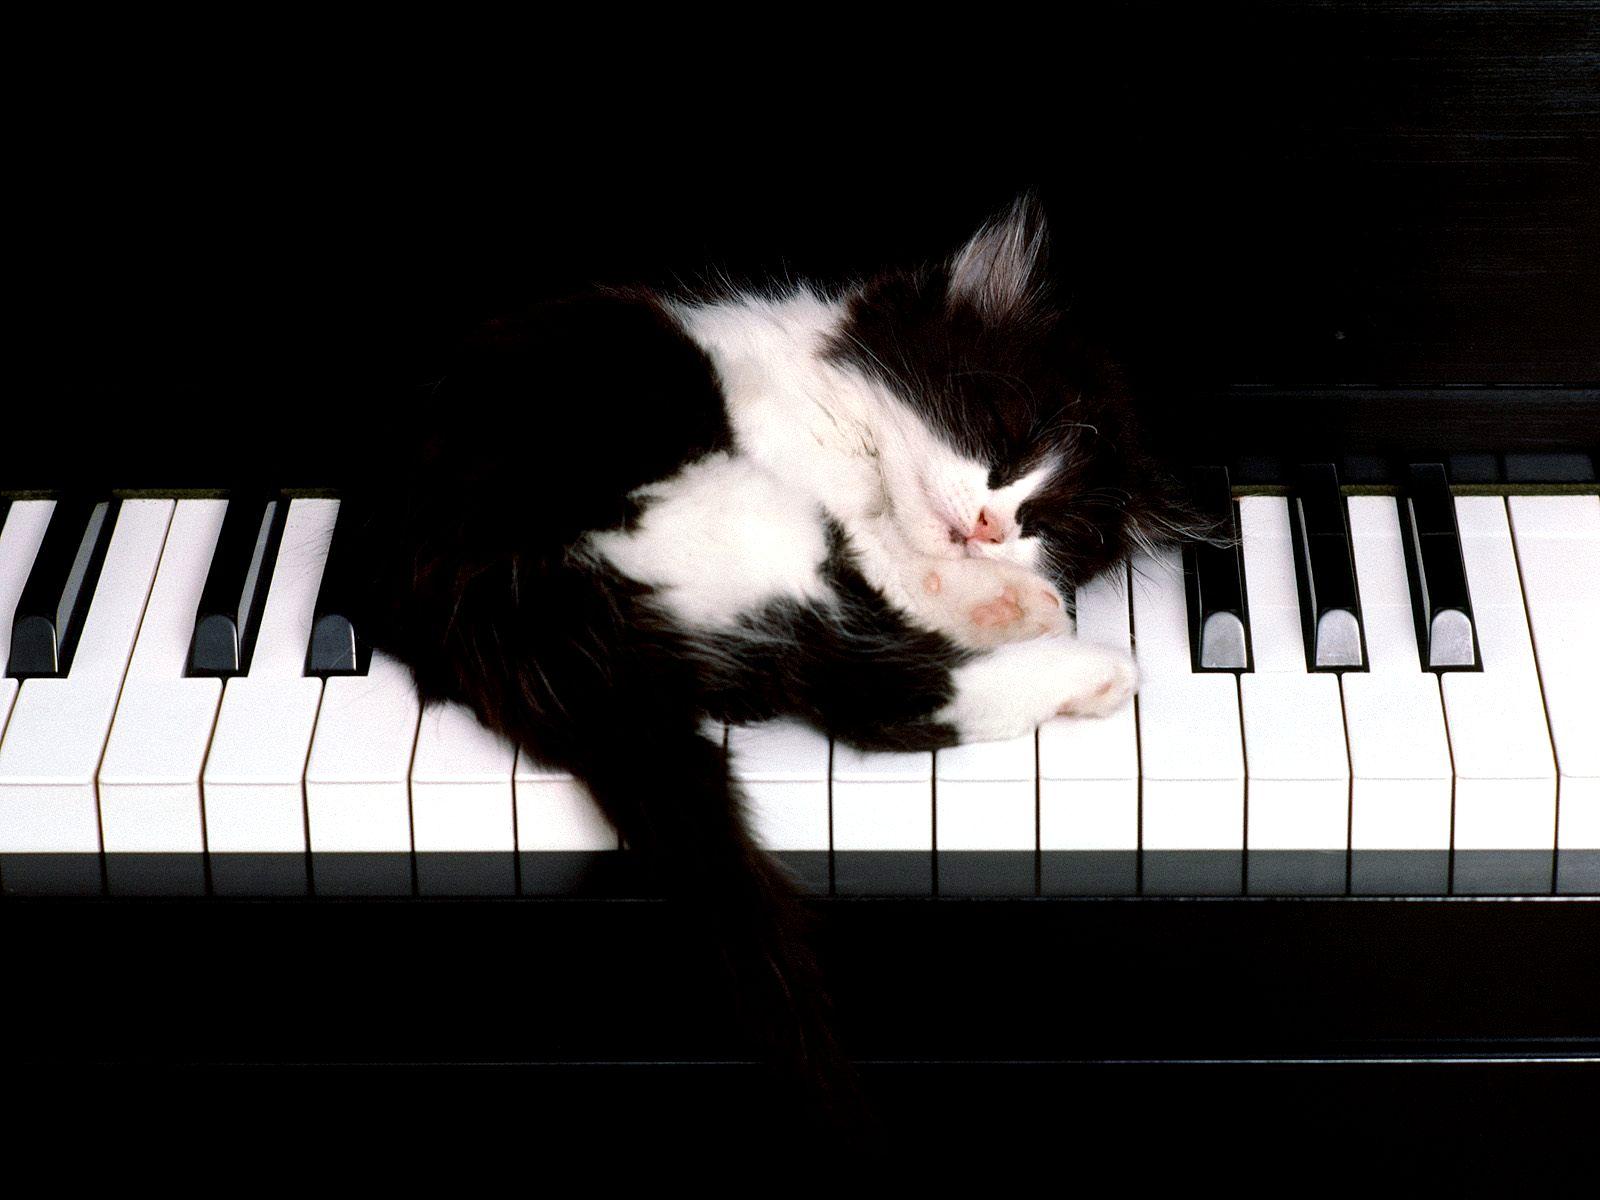 http://2.bp.blogspot.com/-ze_OLDym5IA/T0rDNvzD5PI/AAAAAAAABnI/z8O64vPHV3c/s1600/Cats%2BLove%2BMusic%2BAnimals%2BPlay%2Bat%2BPiano59.jpg